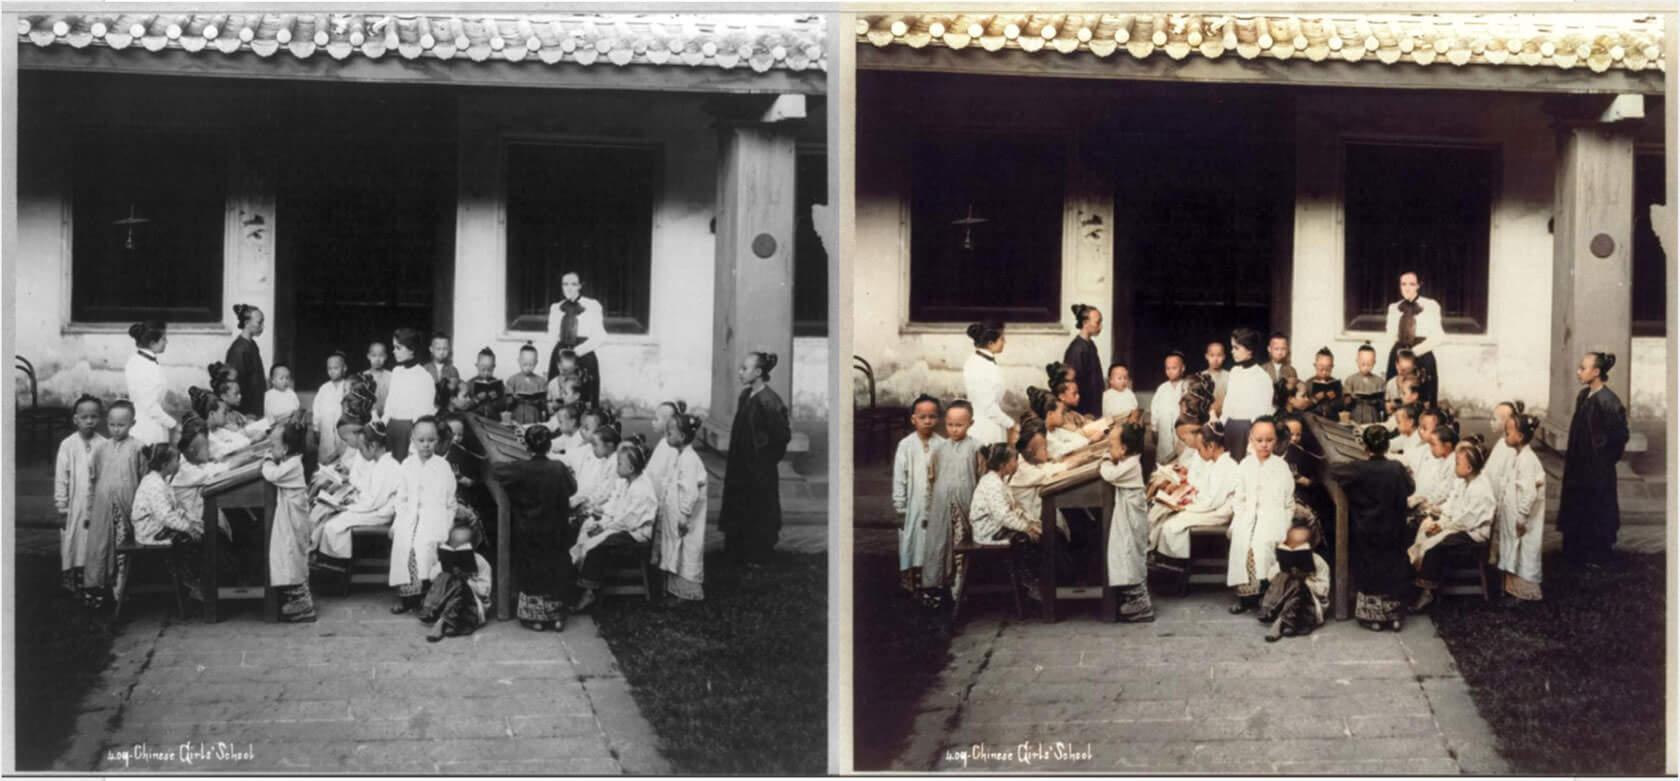 白黒写真をワンクリックでカラー化できる無料ツール Colourisesg が